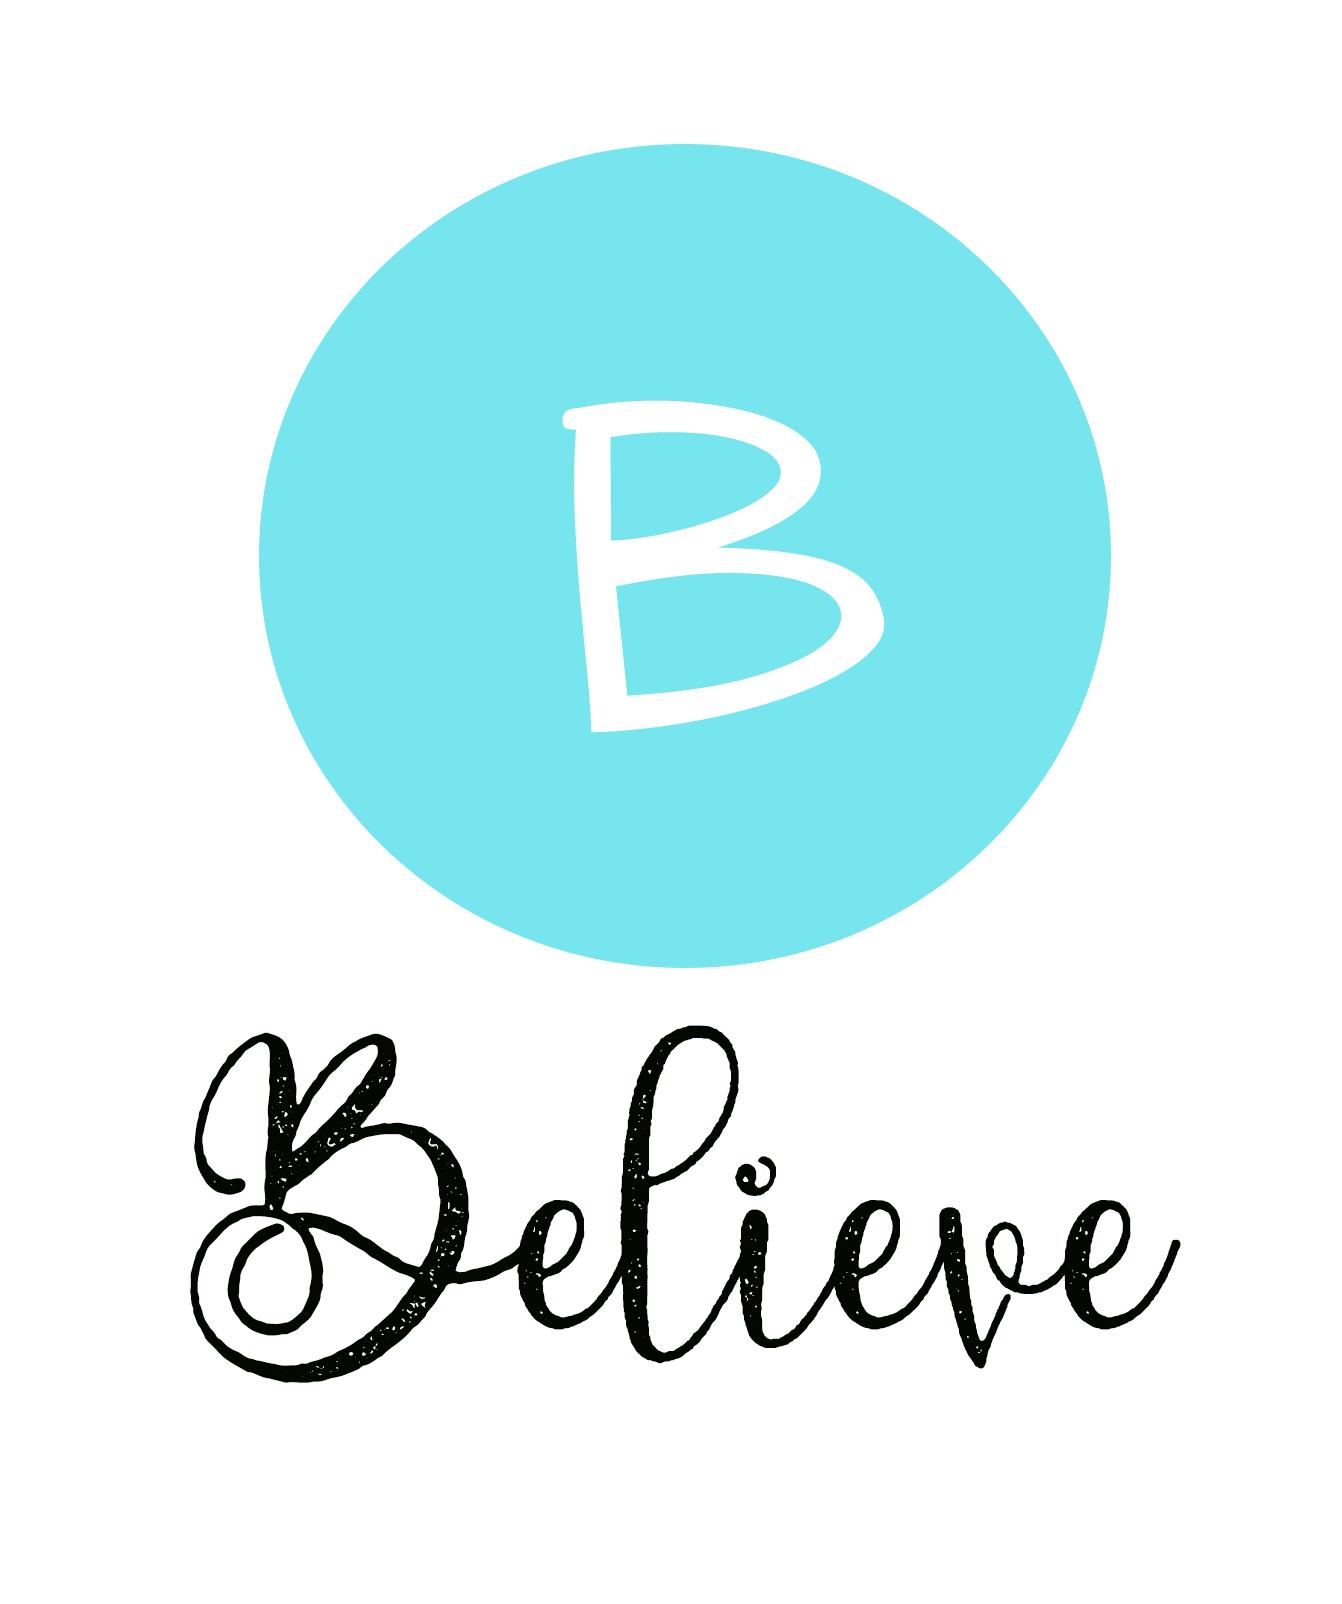 Believe Company